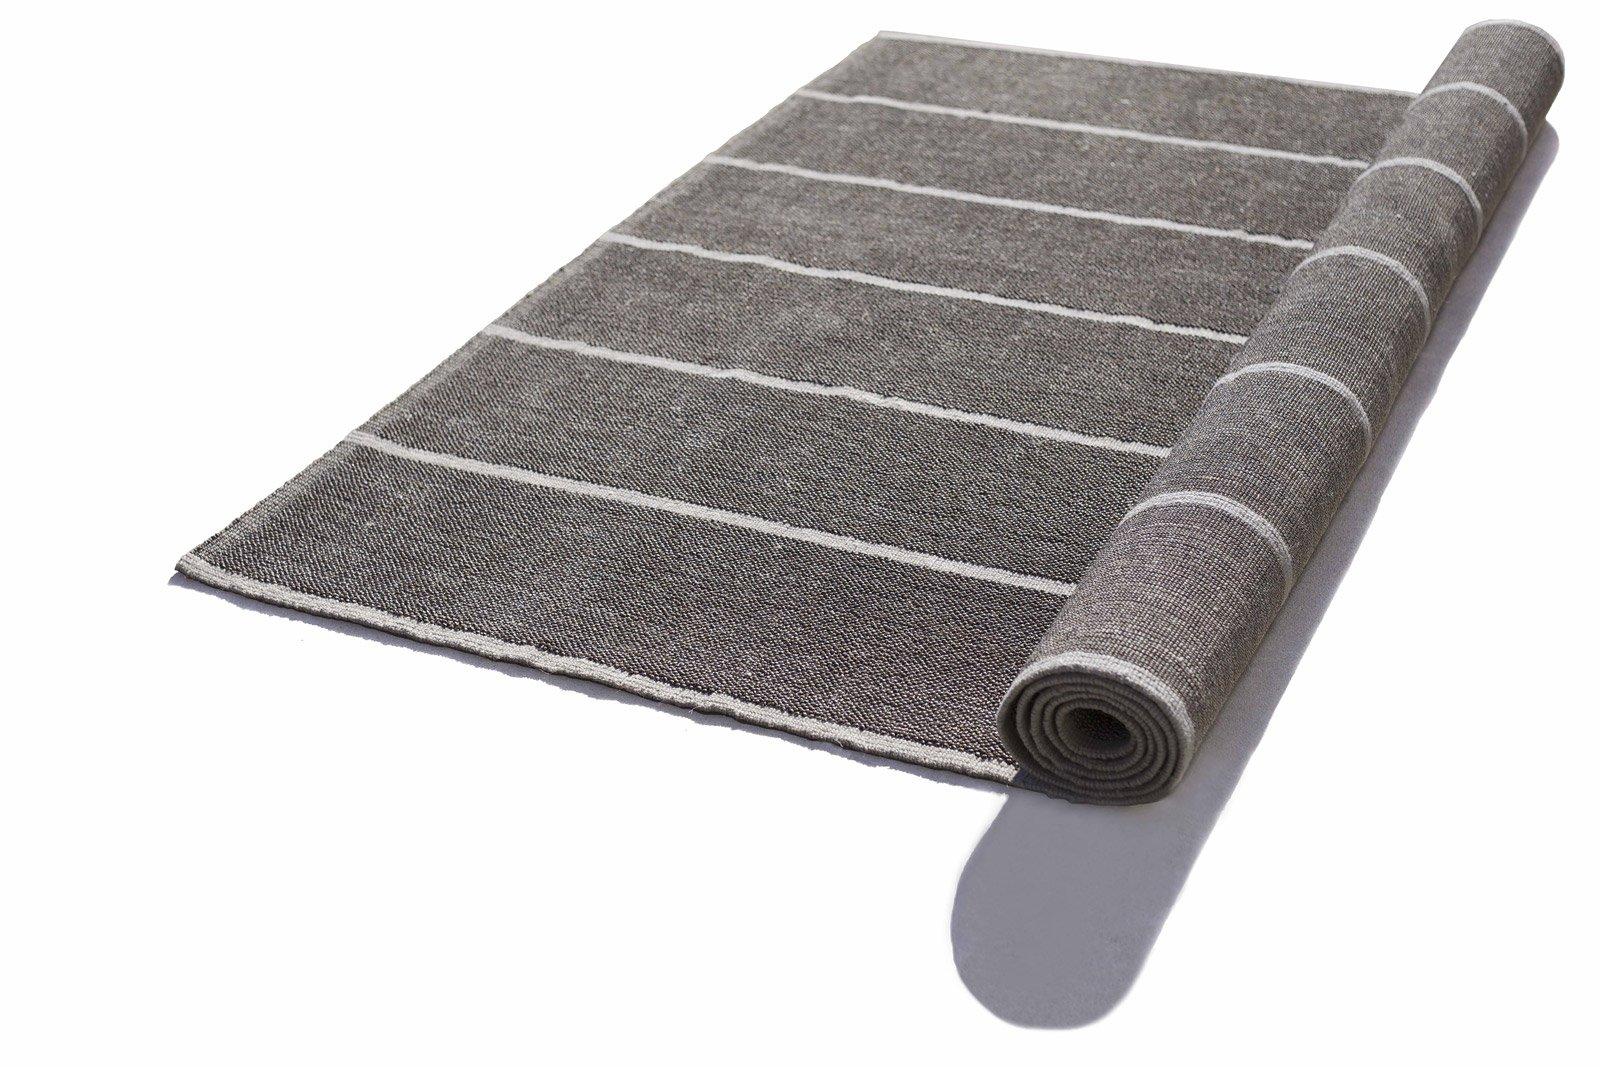 Paglietta di G.T. Design è un tappeto in filato tecnico ad alta prestazione in una piacevole tonalità grigio ferro e righe bianche che creano un piacevole effetto gessato; può essere usato sia in interno sia all'esterno. Misura L 200 x P 300 cm. www.gtdesign.it